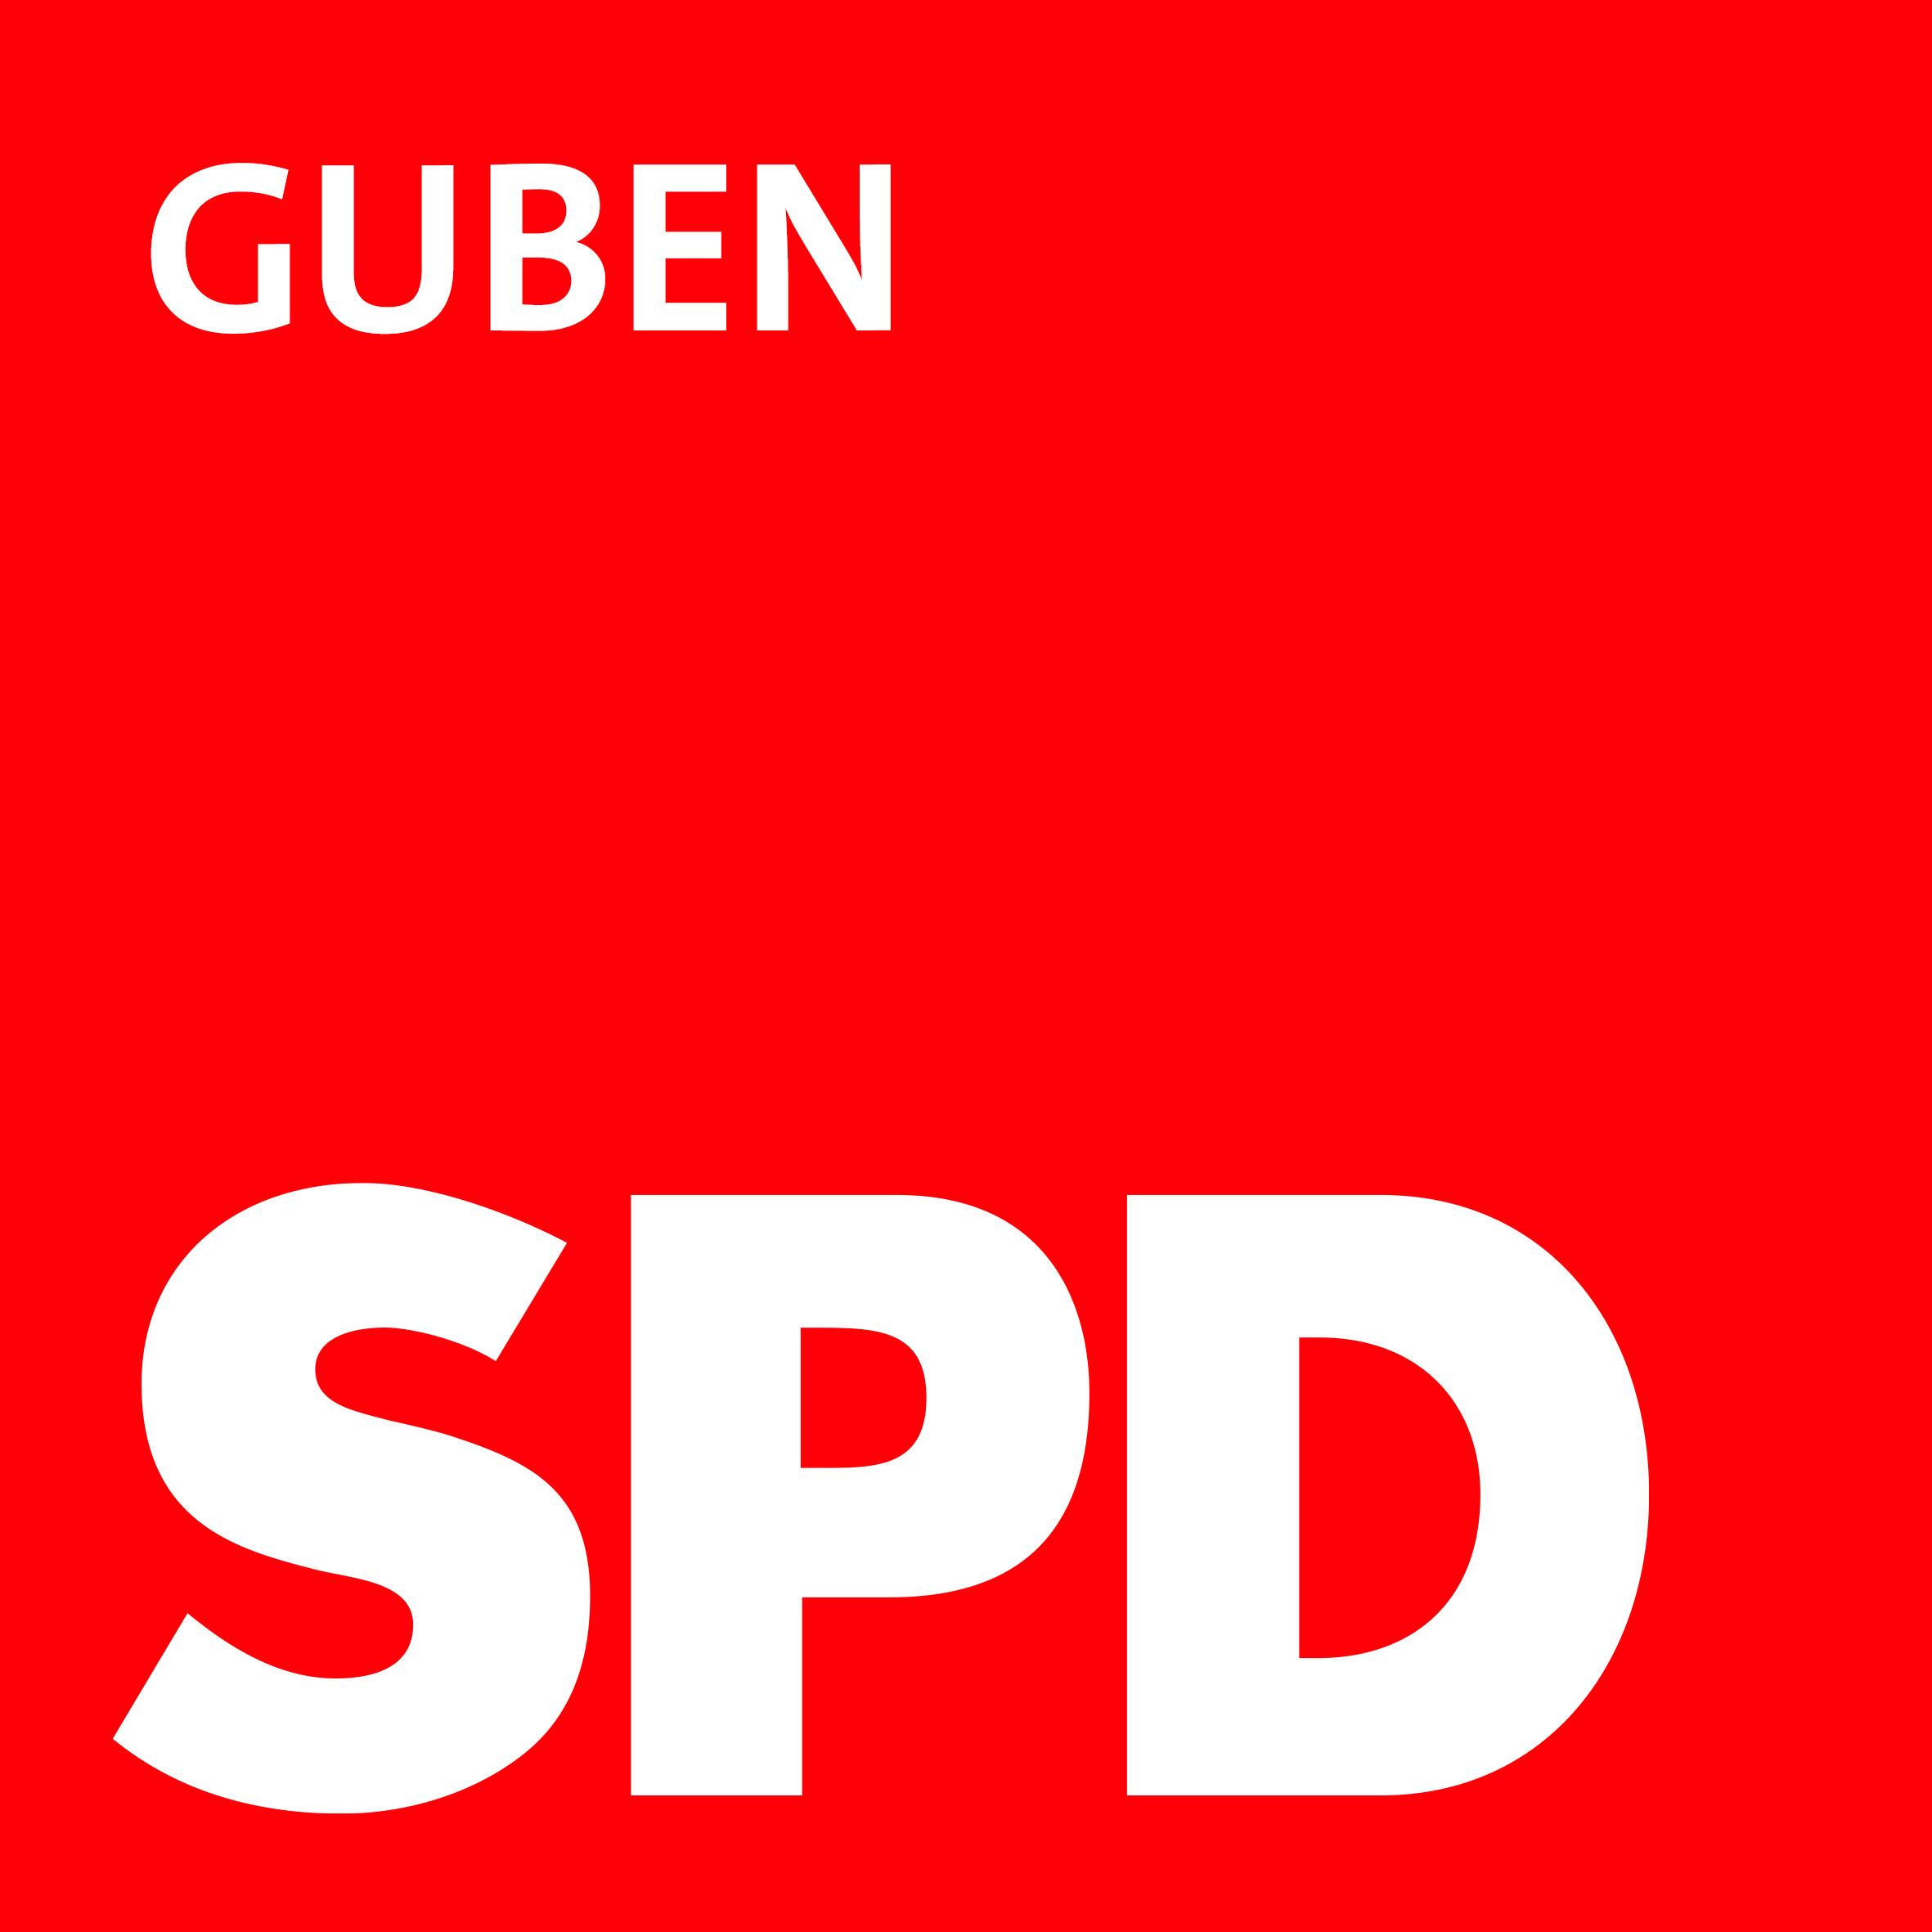 SPD Guben